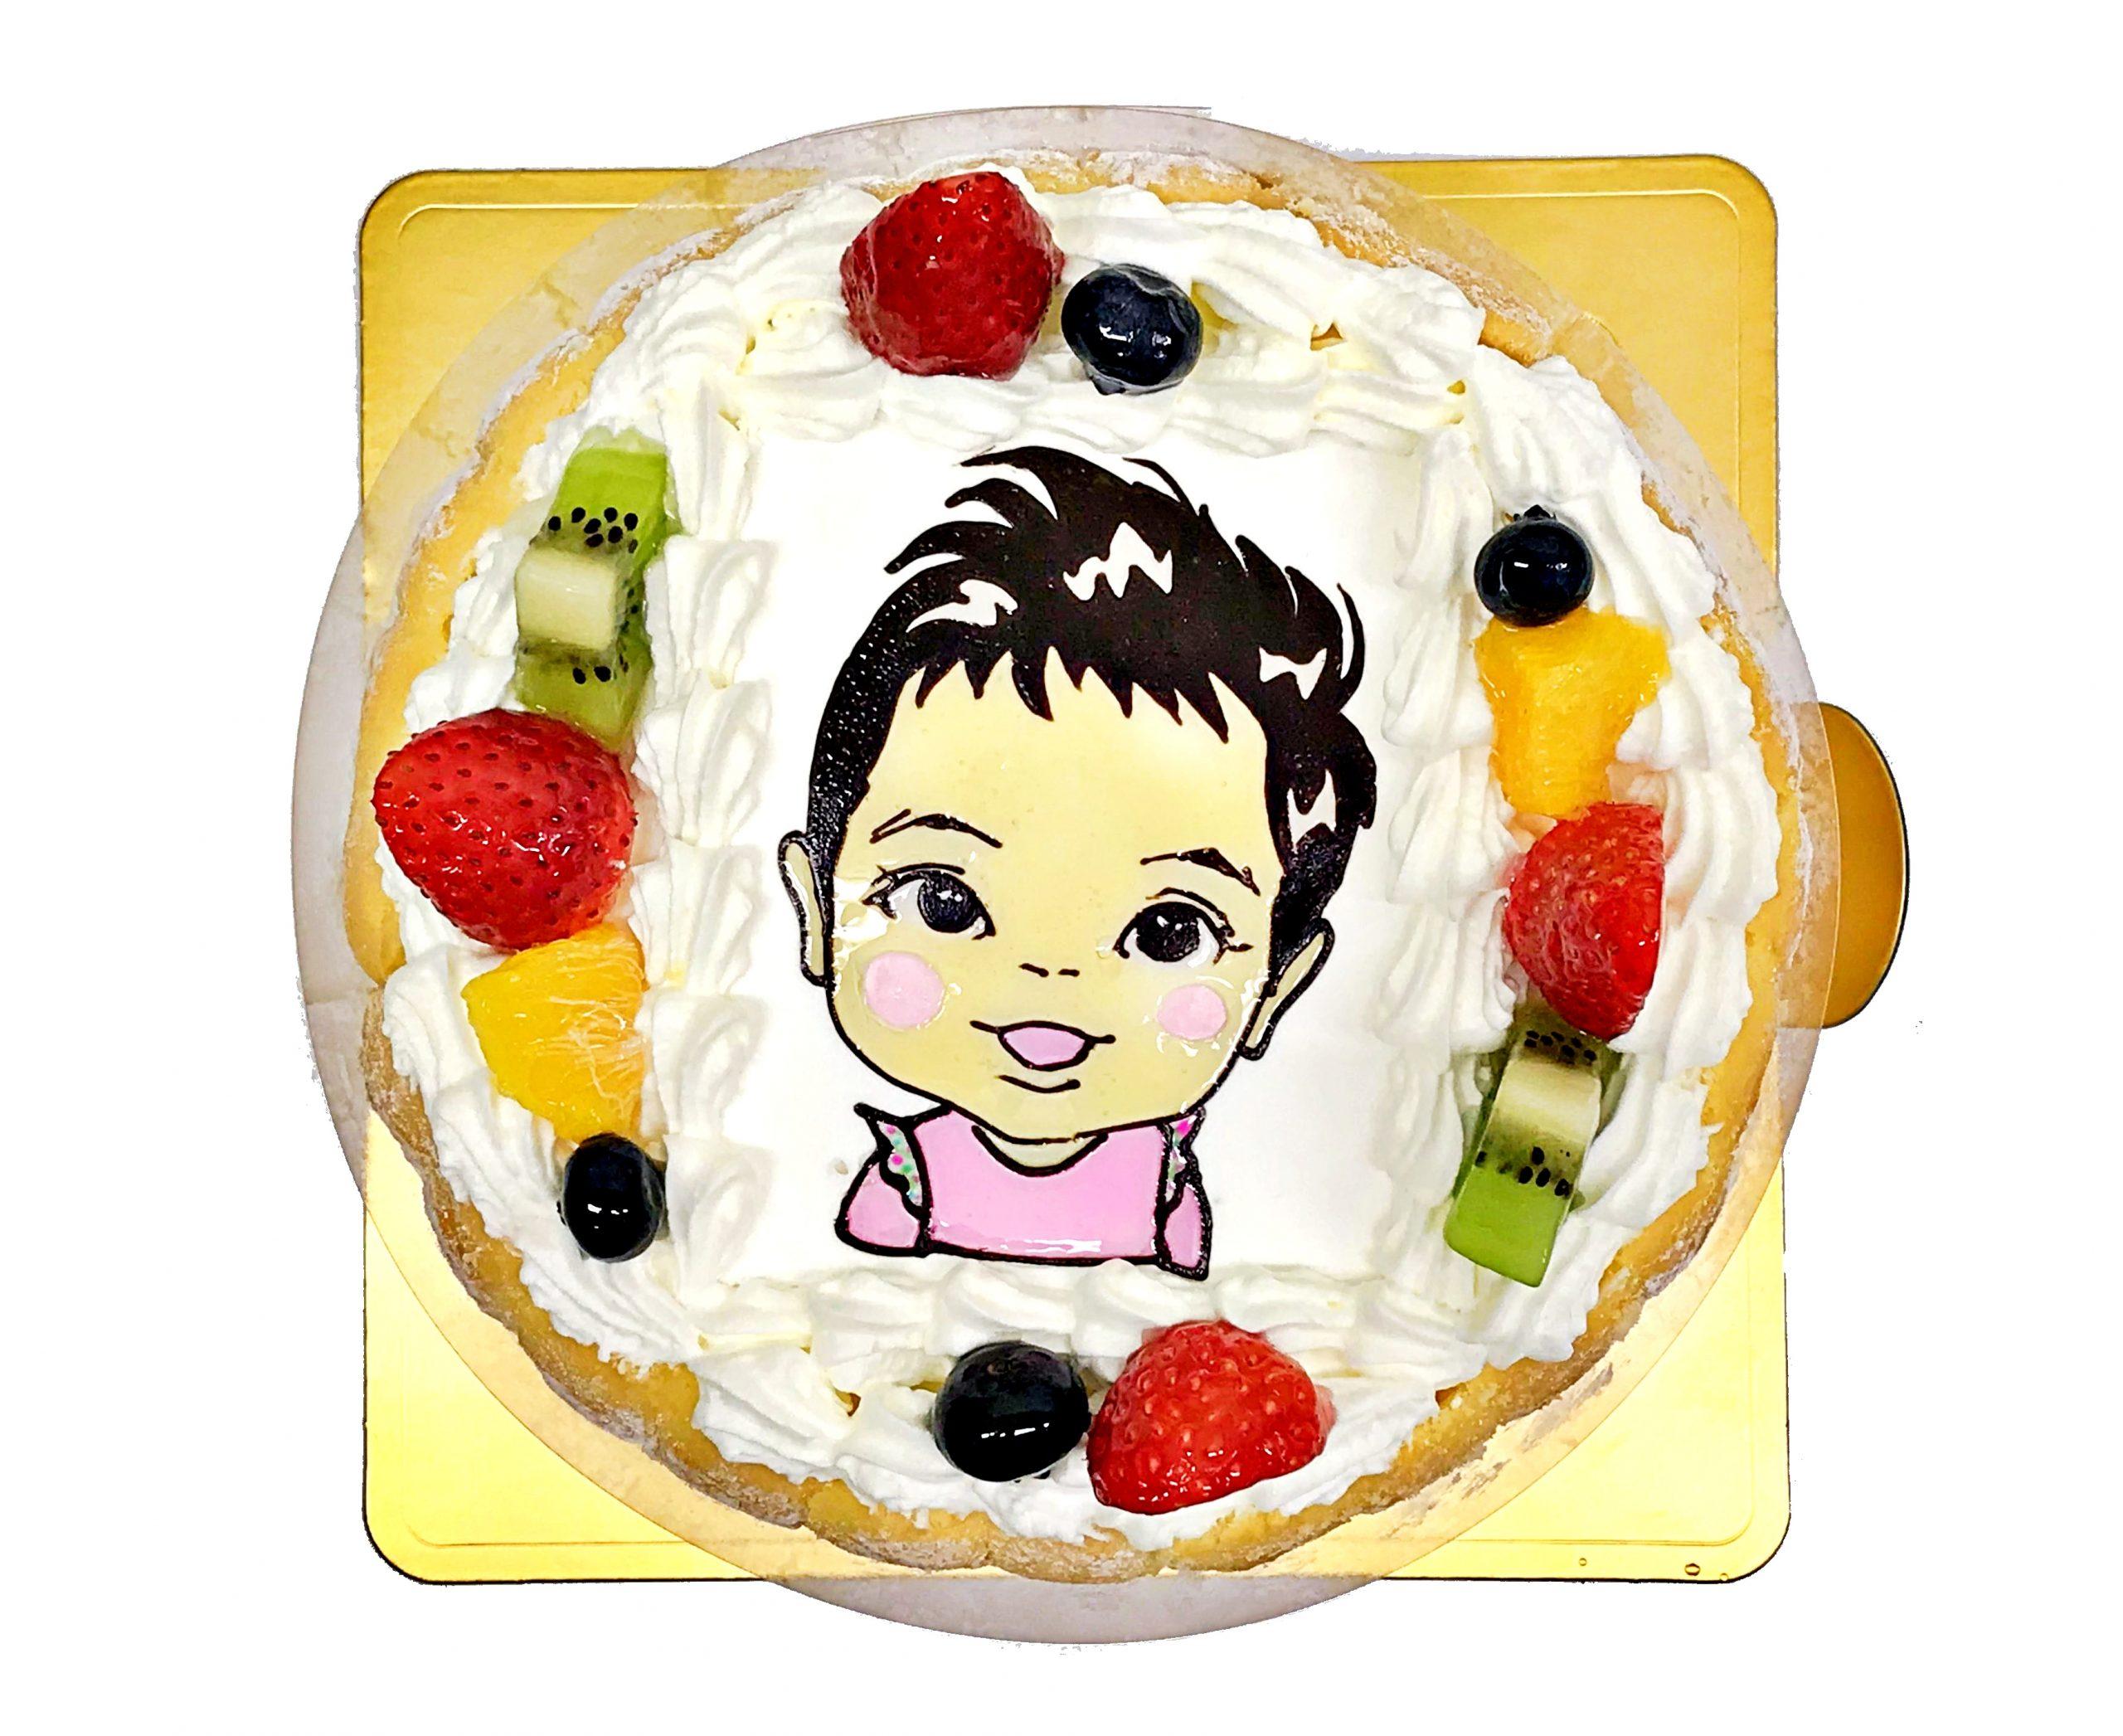 似顔絵ケーキ 子供